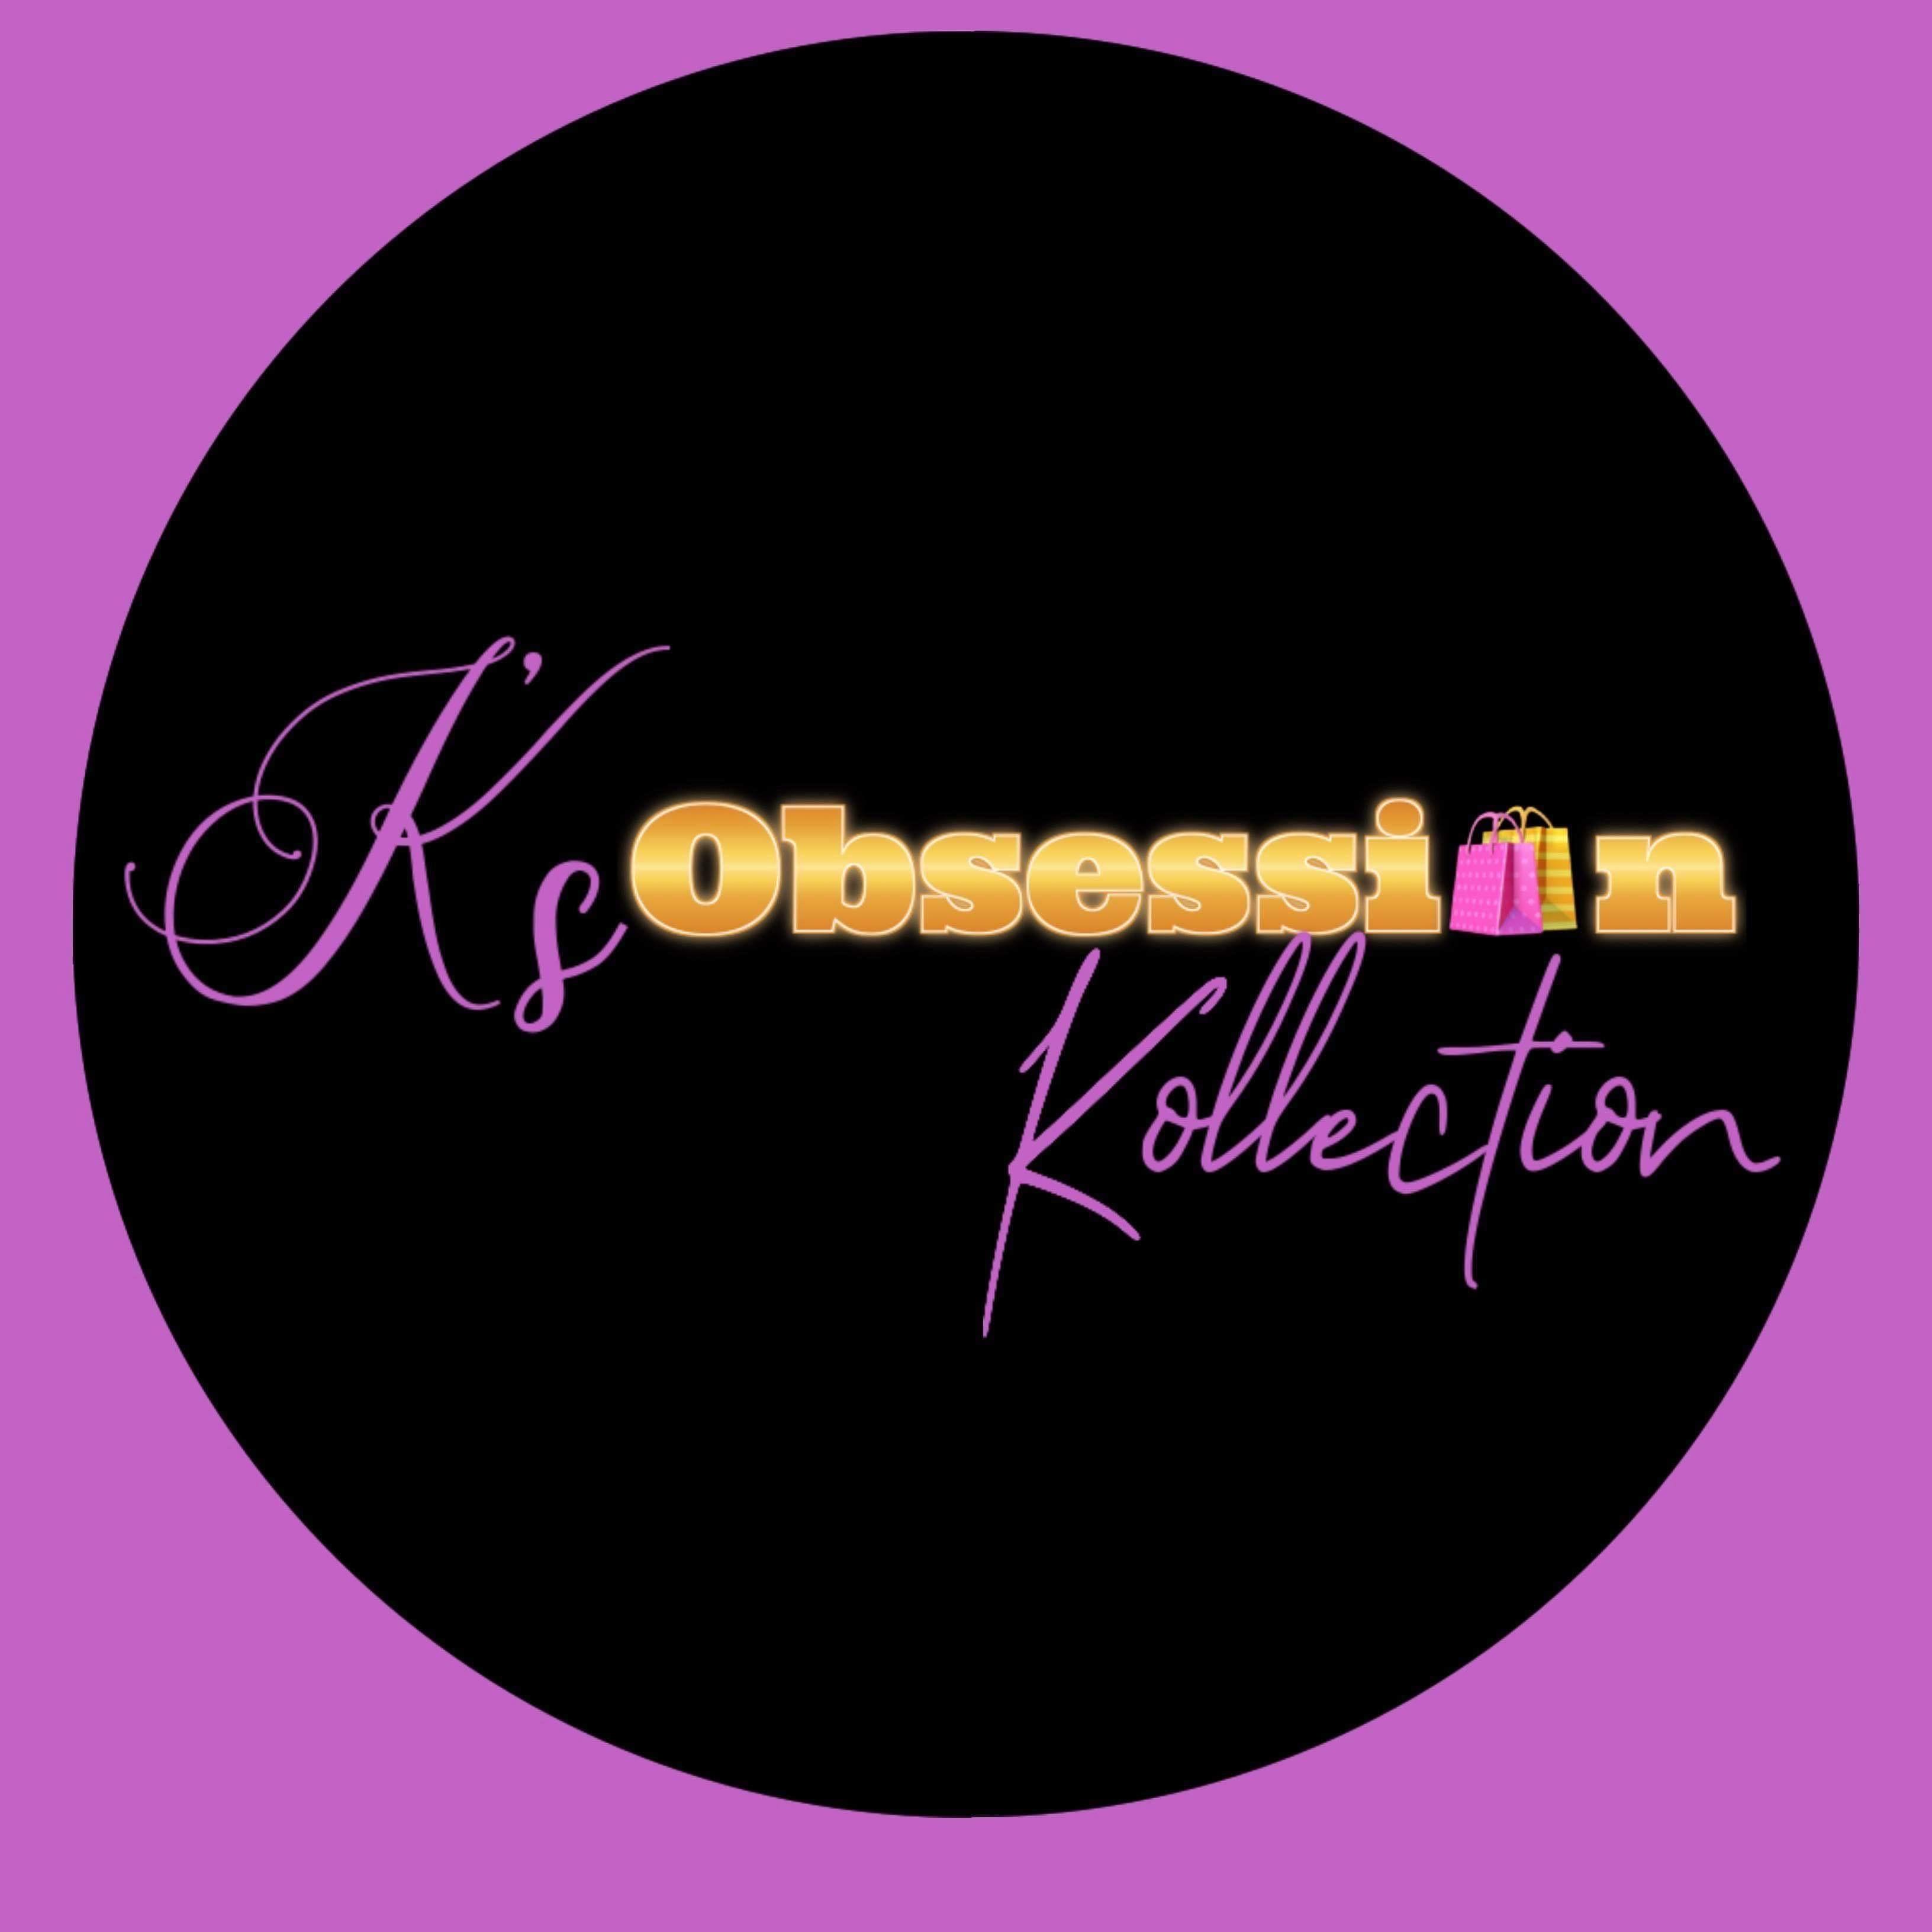 K's Obsession logo